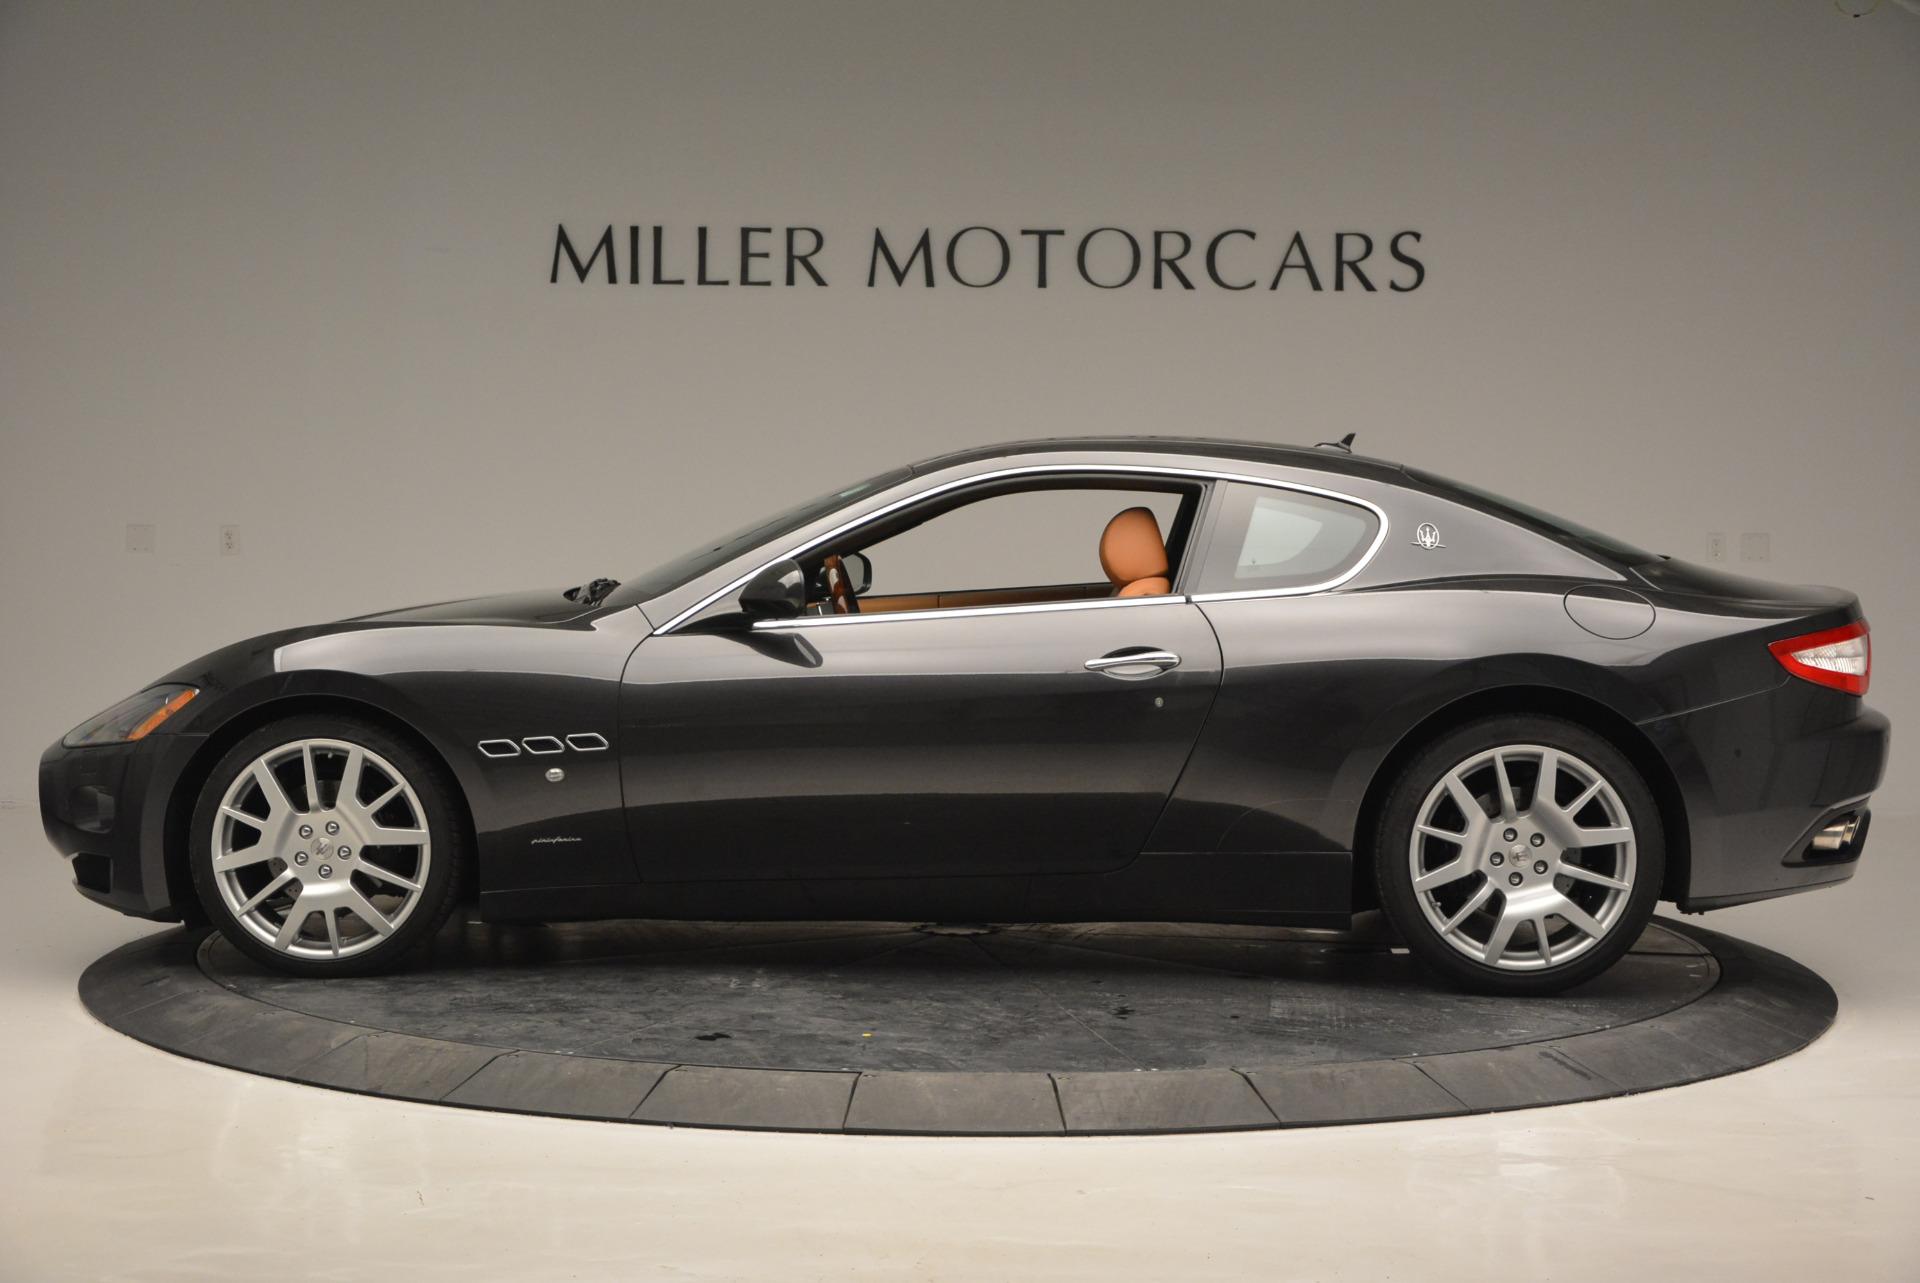 Used 2011 Maserati GranTurismo  For Sale In Greenwich, CT 816_p3